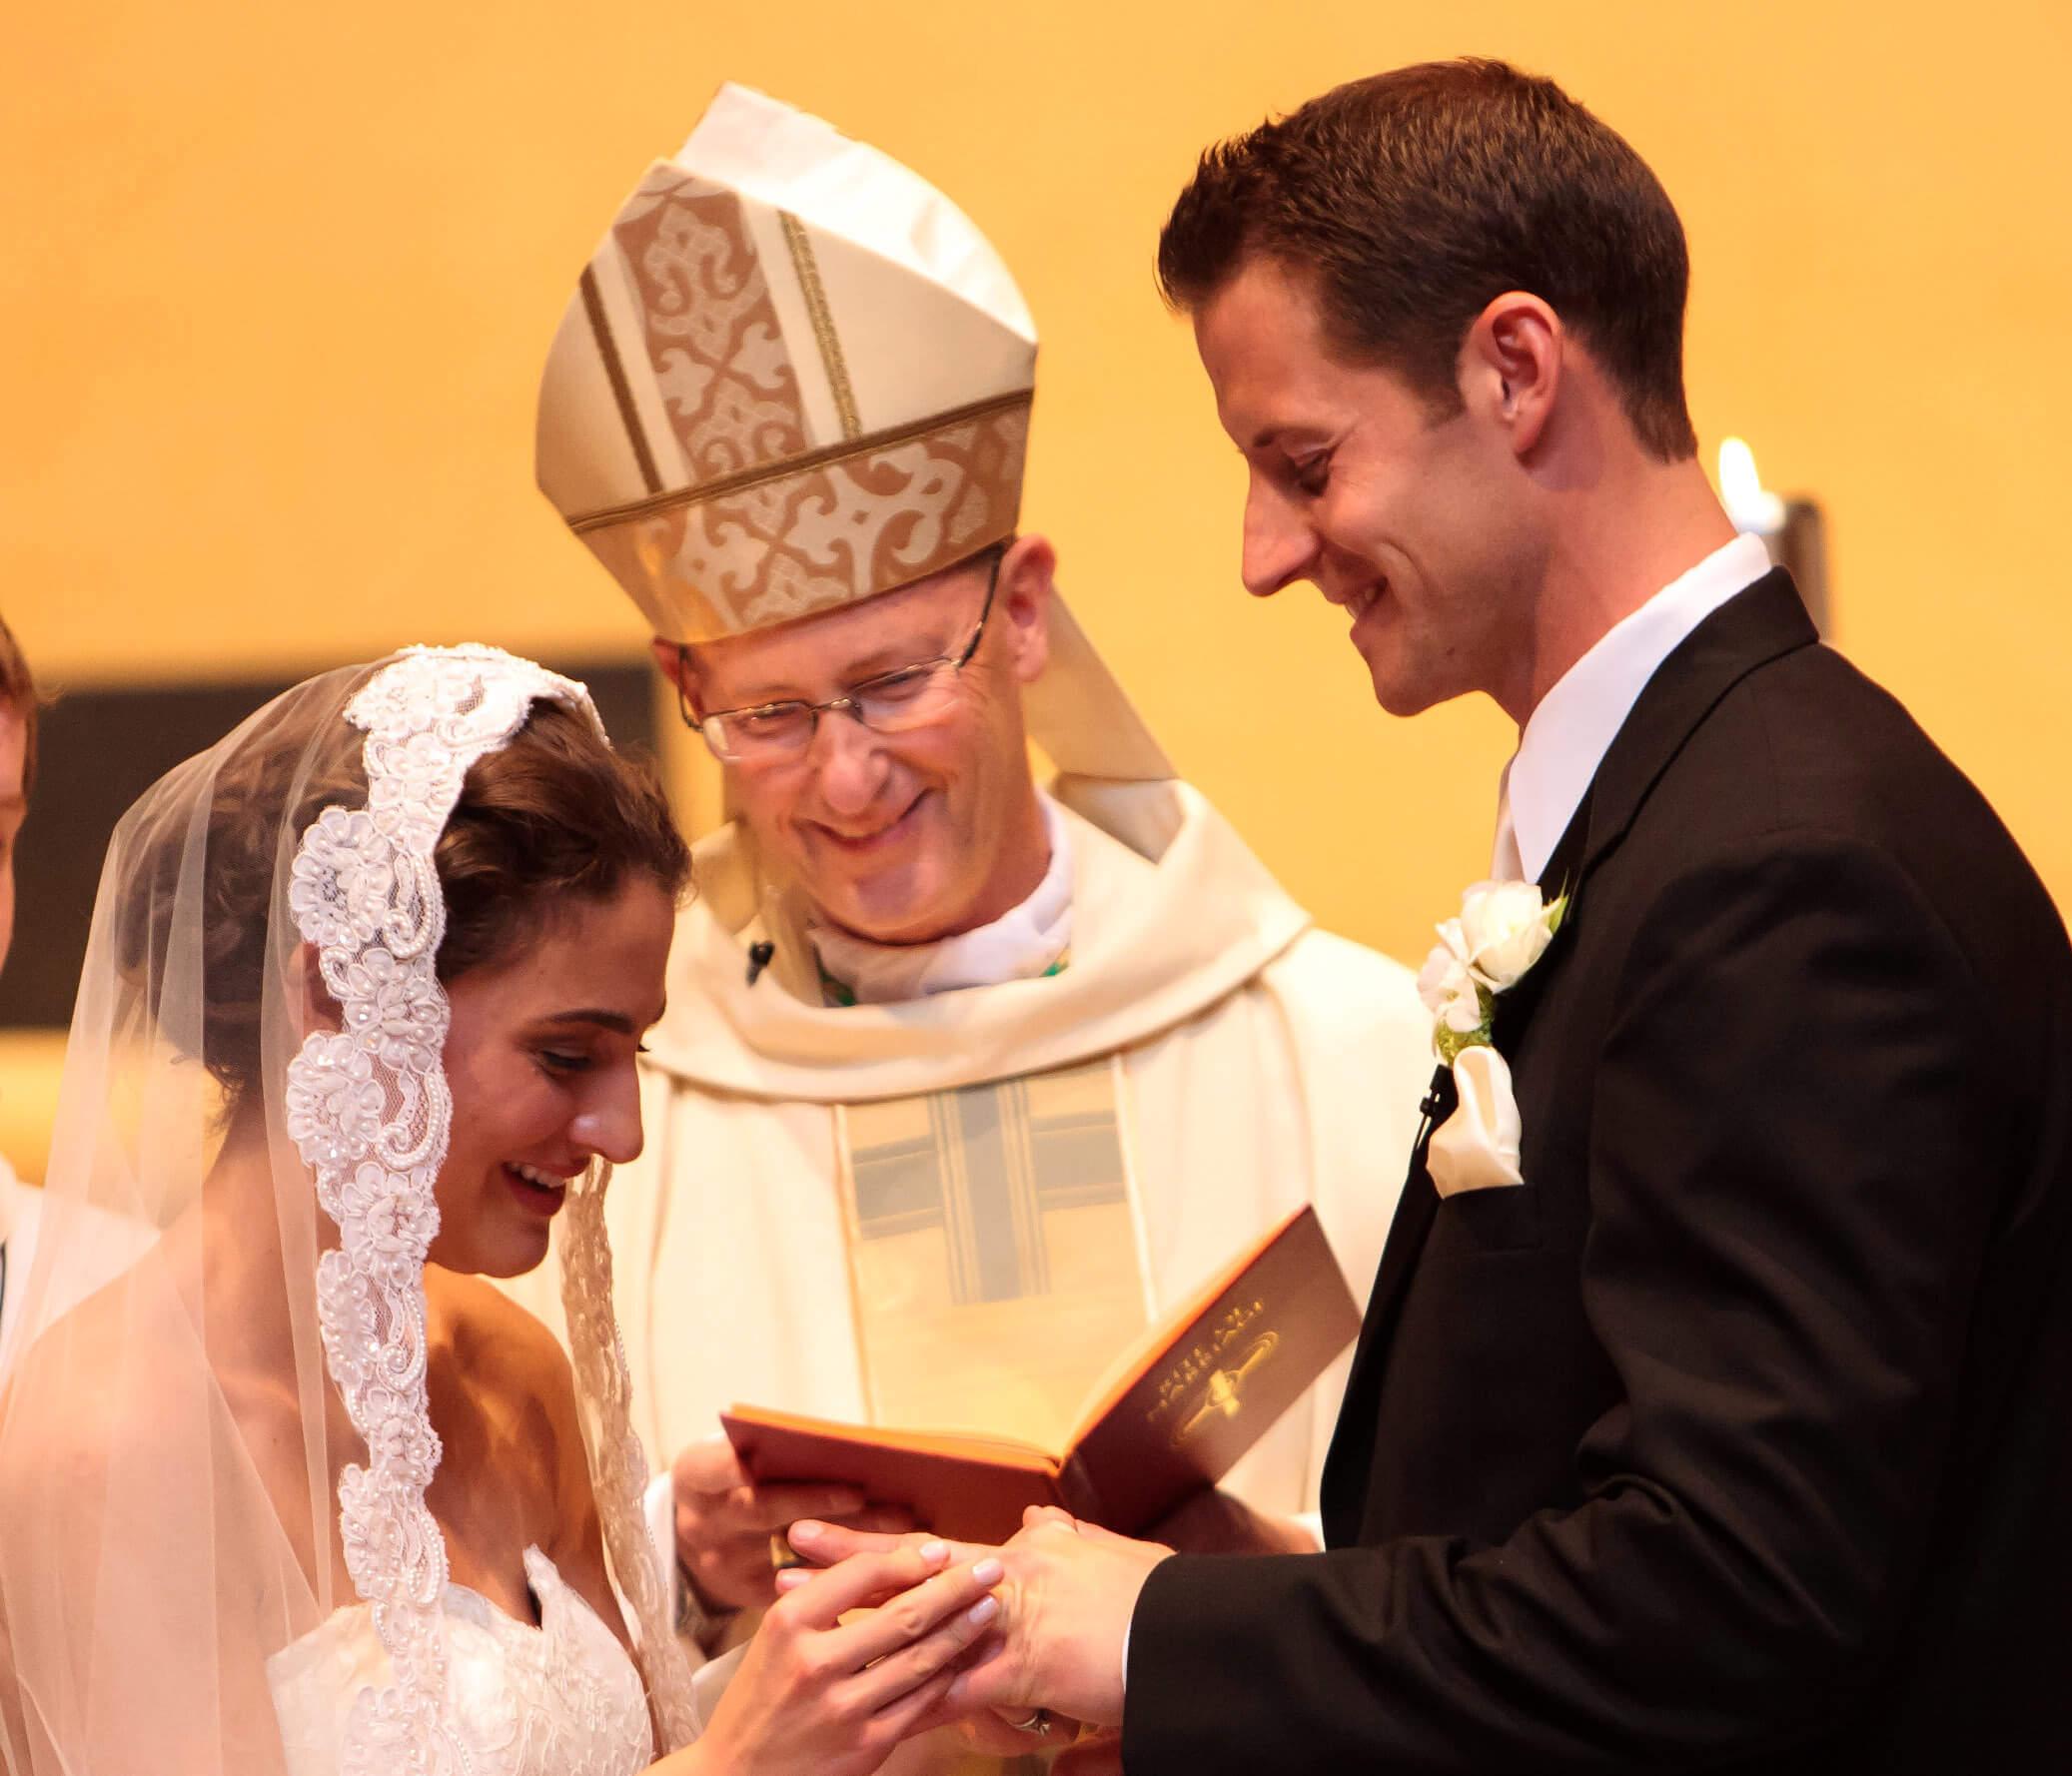 Catholic Wedding Vows: The Vows -- An Illinois Wedding Mass